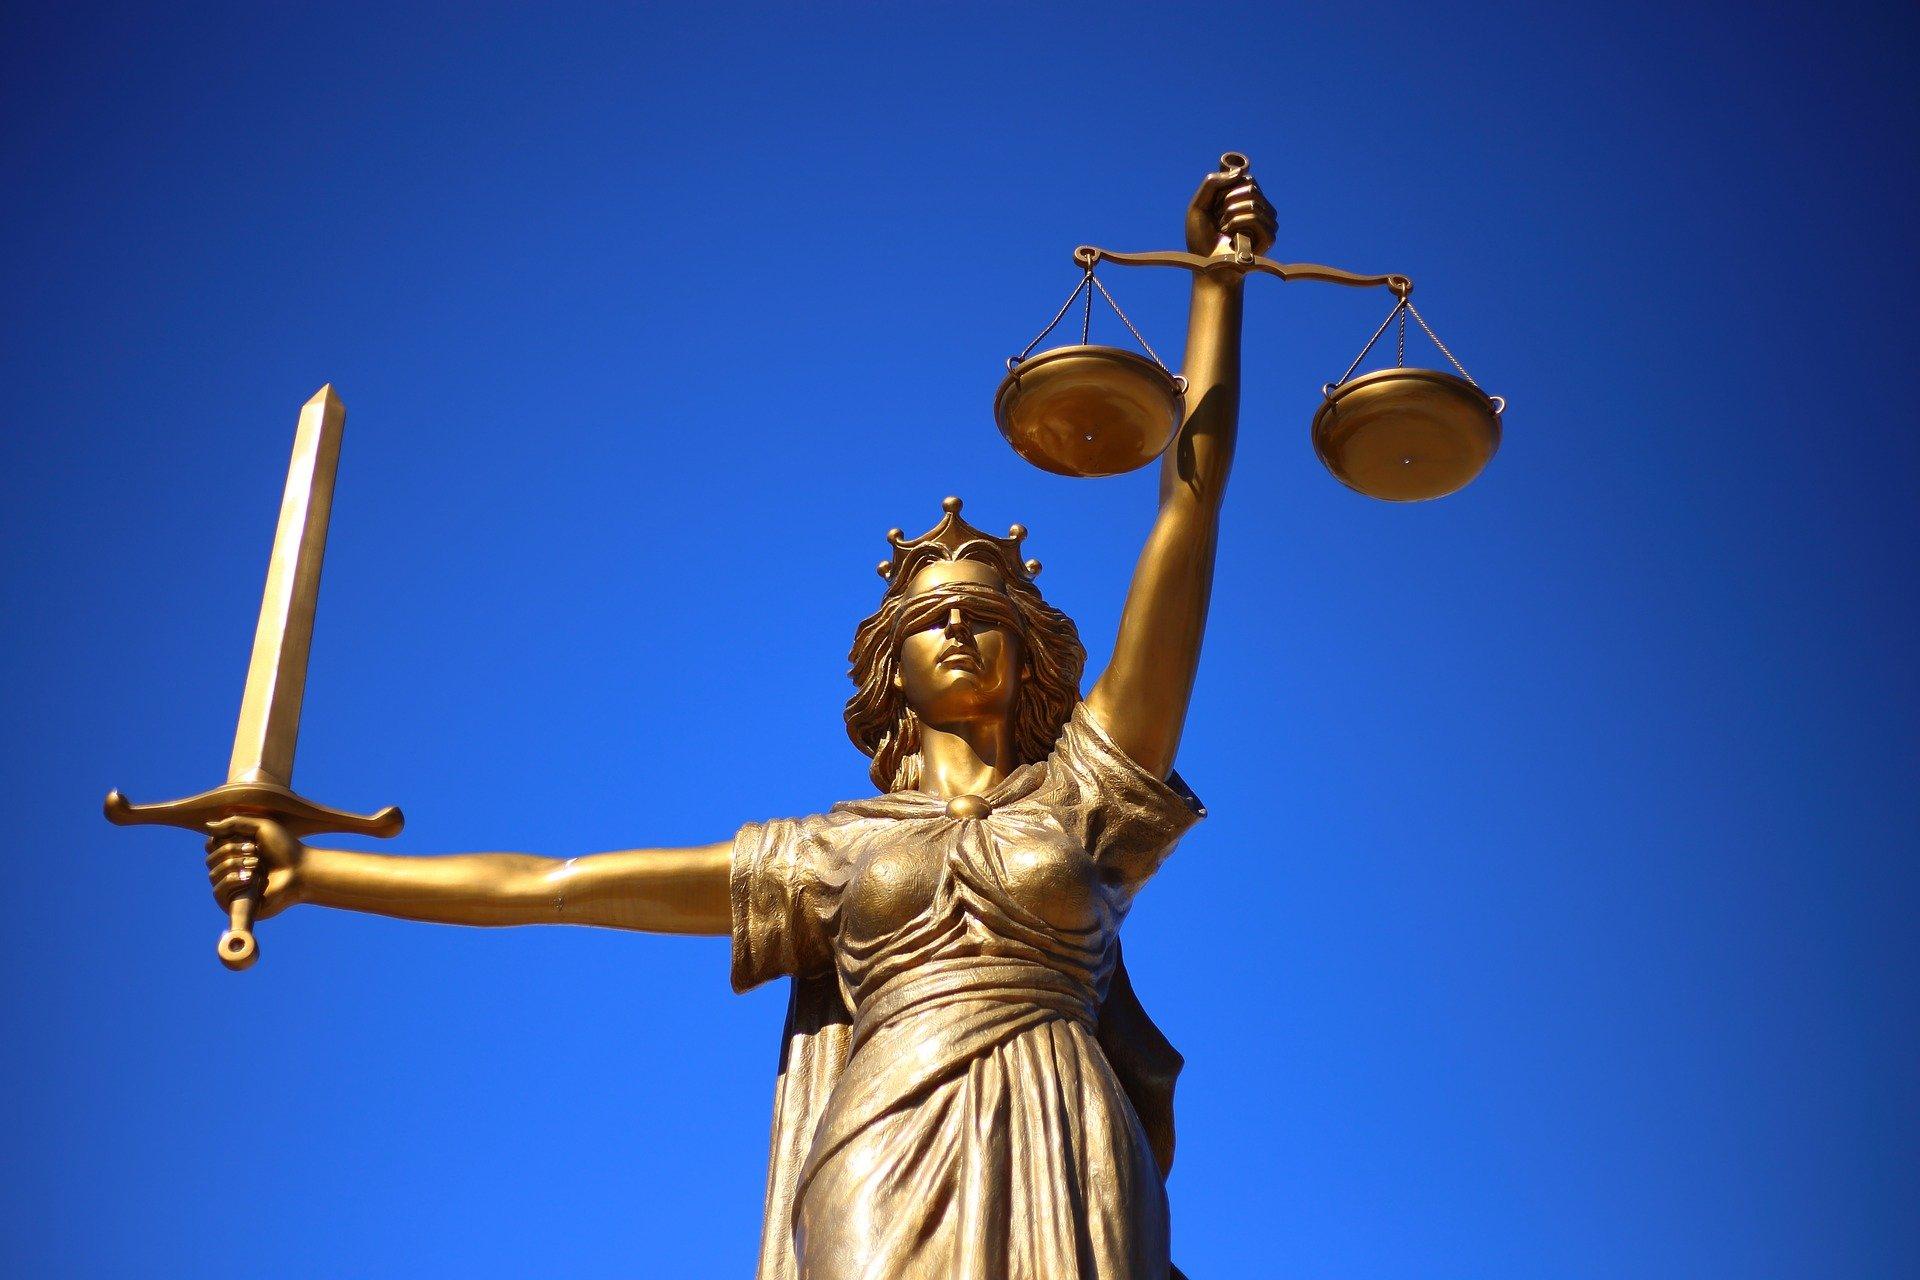 /article/thumbnail.asp?thumb=justice%2D2060093%5F1920%2Ejpg